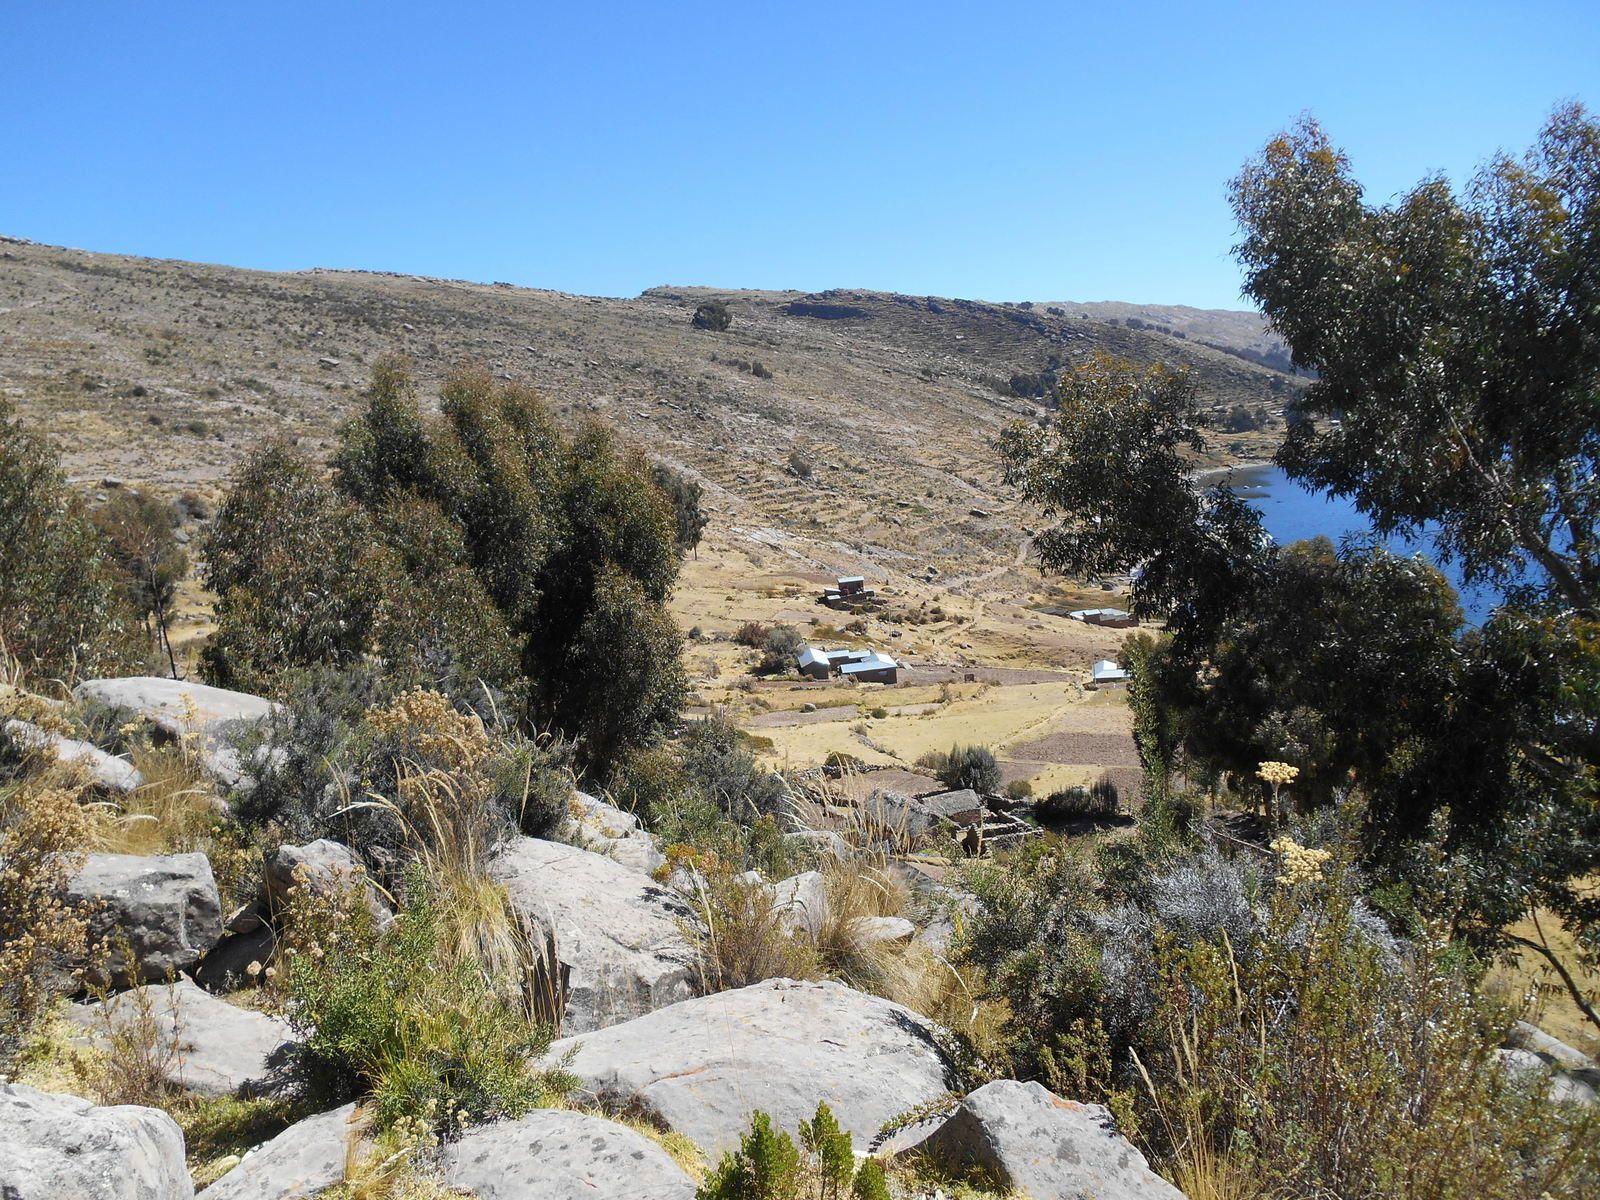 Tout en bas, la minuscule communauté de Paramis (3850 m) où nous allons déjeuner.